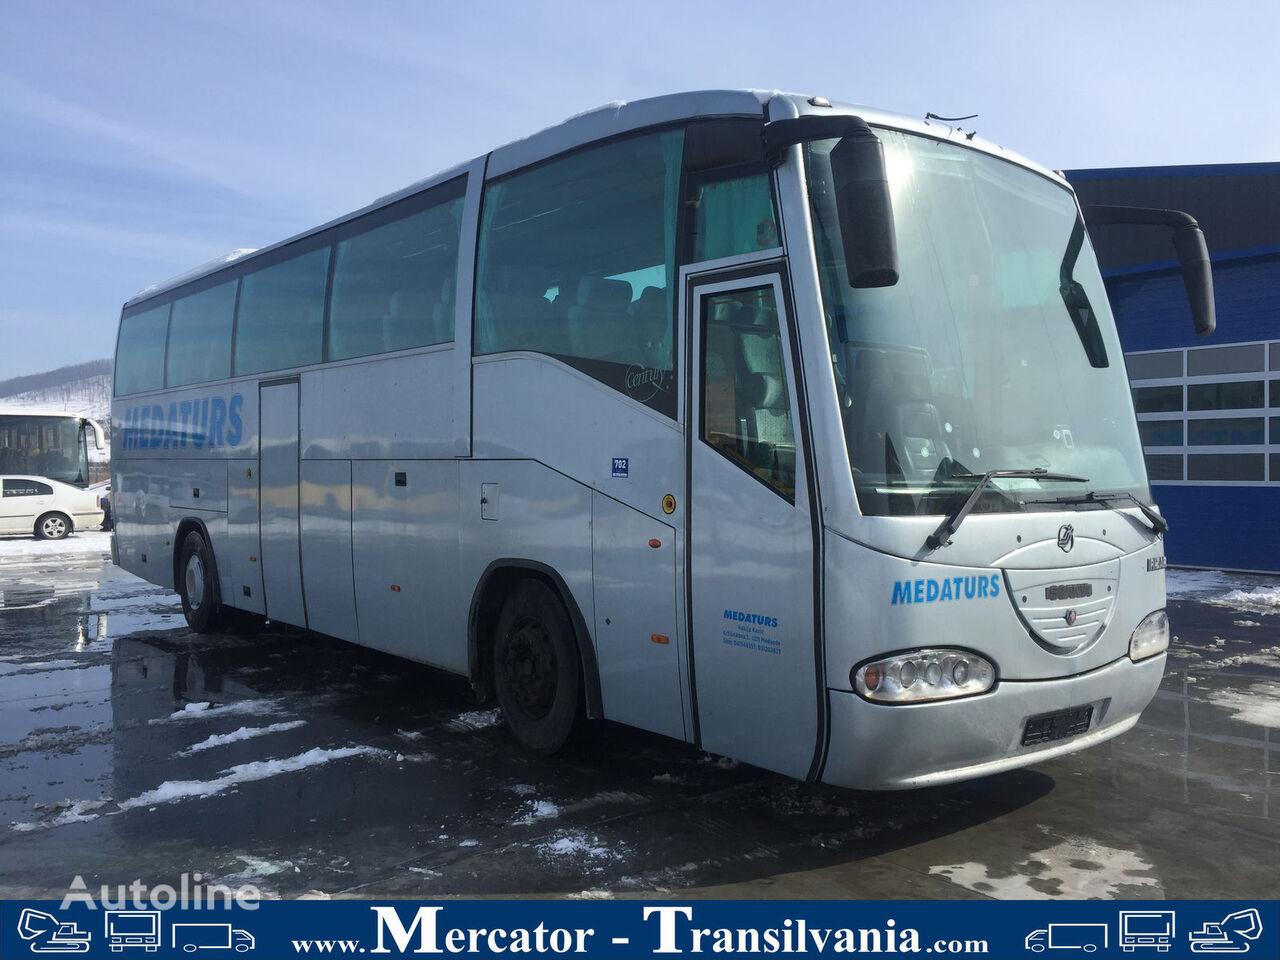 käigukast SCANIA tüübi jaoks bussi SCANIA Irizar varuosadena